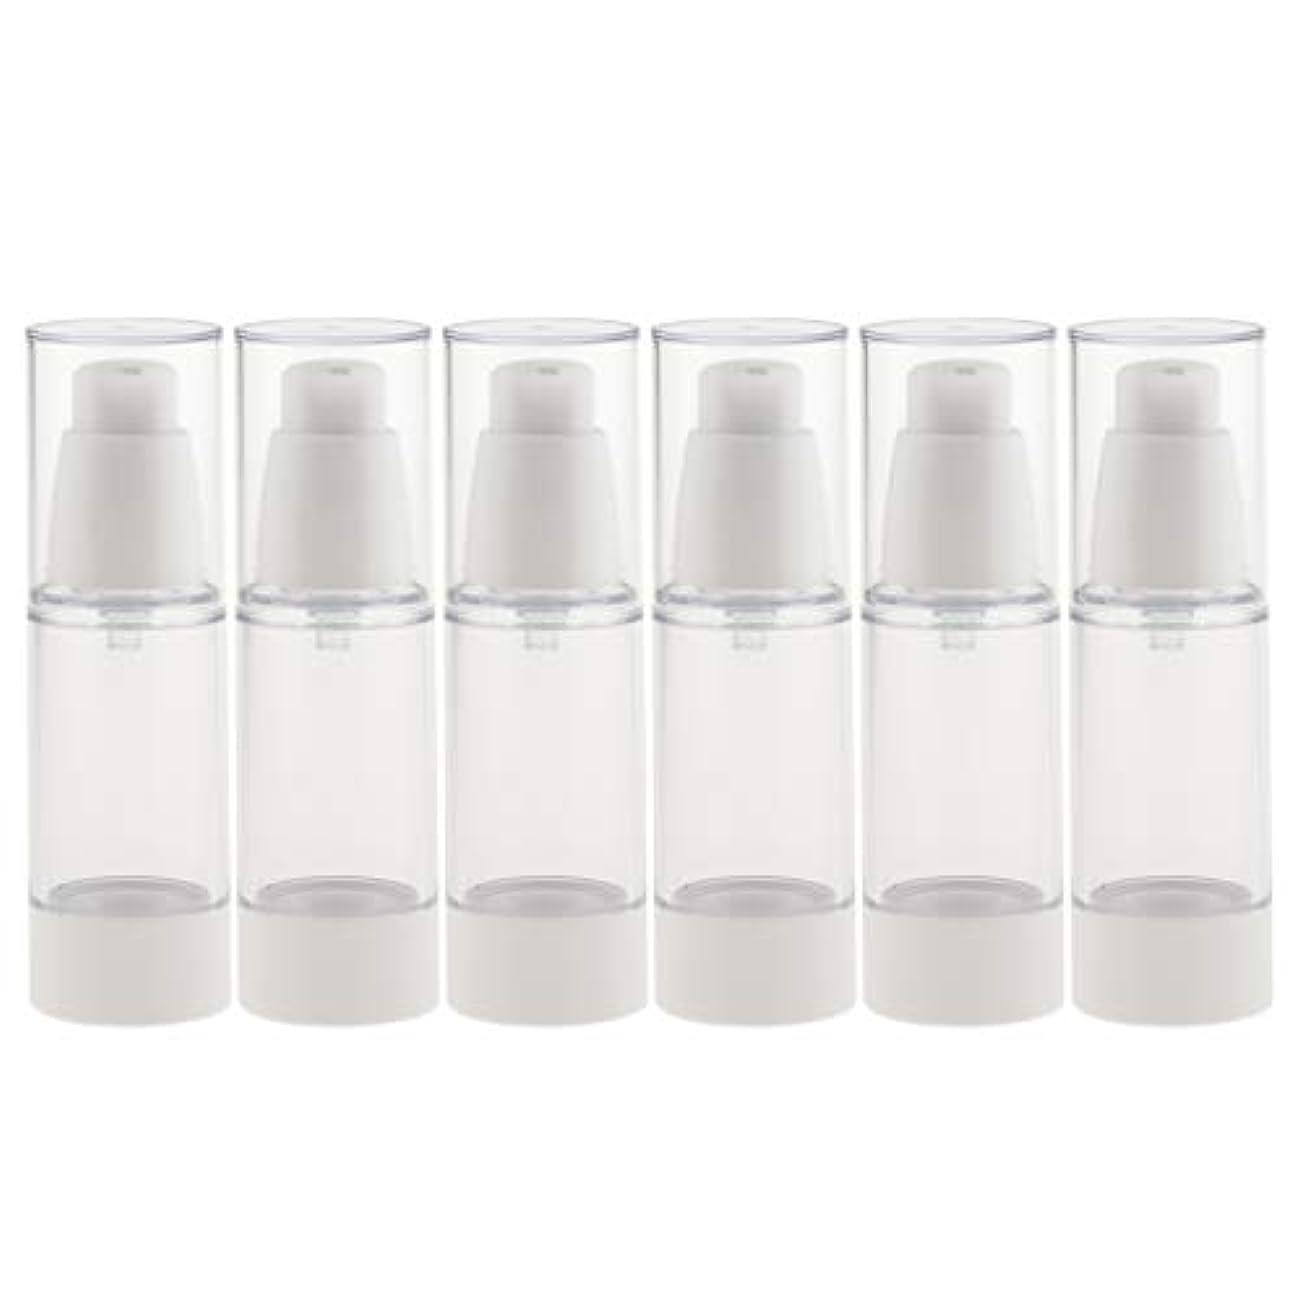 しがみつく事務所鳥6個 真空スプレーボトル ミストボトル 真空ボトル コスメ 化粧品 2サイズ選べ - 30ミリリットル